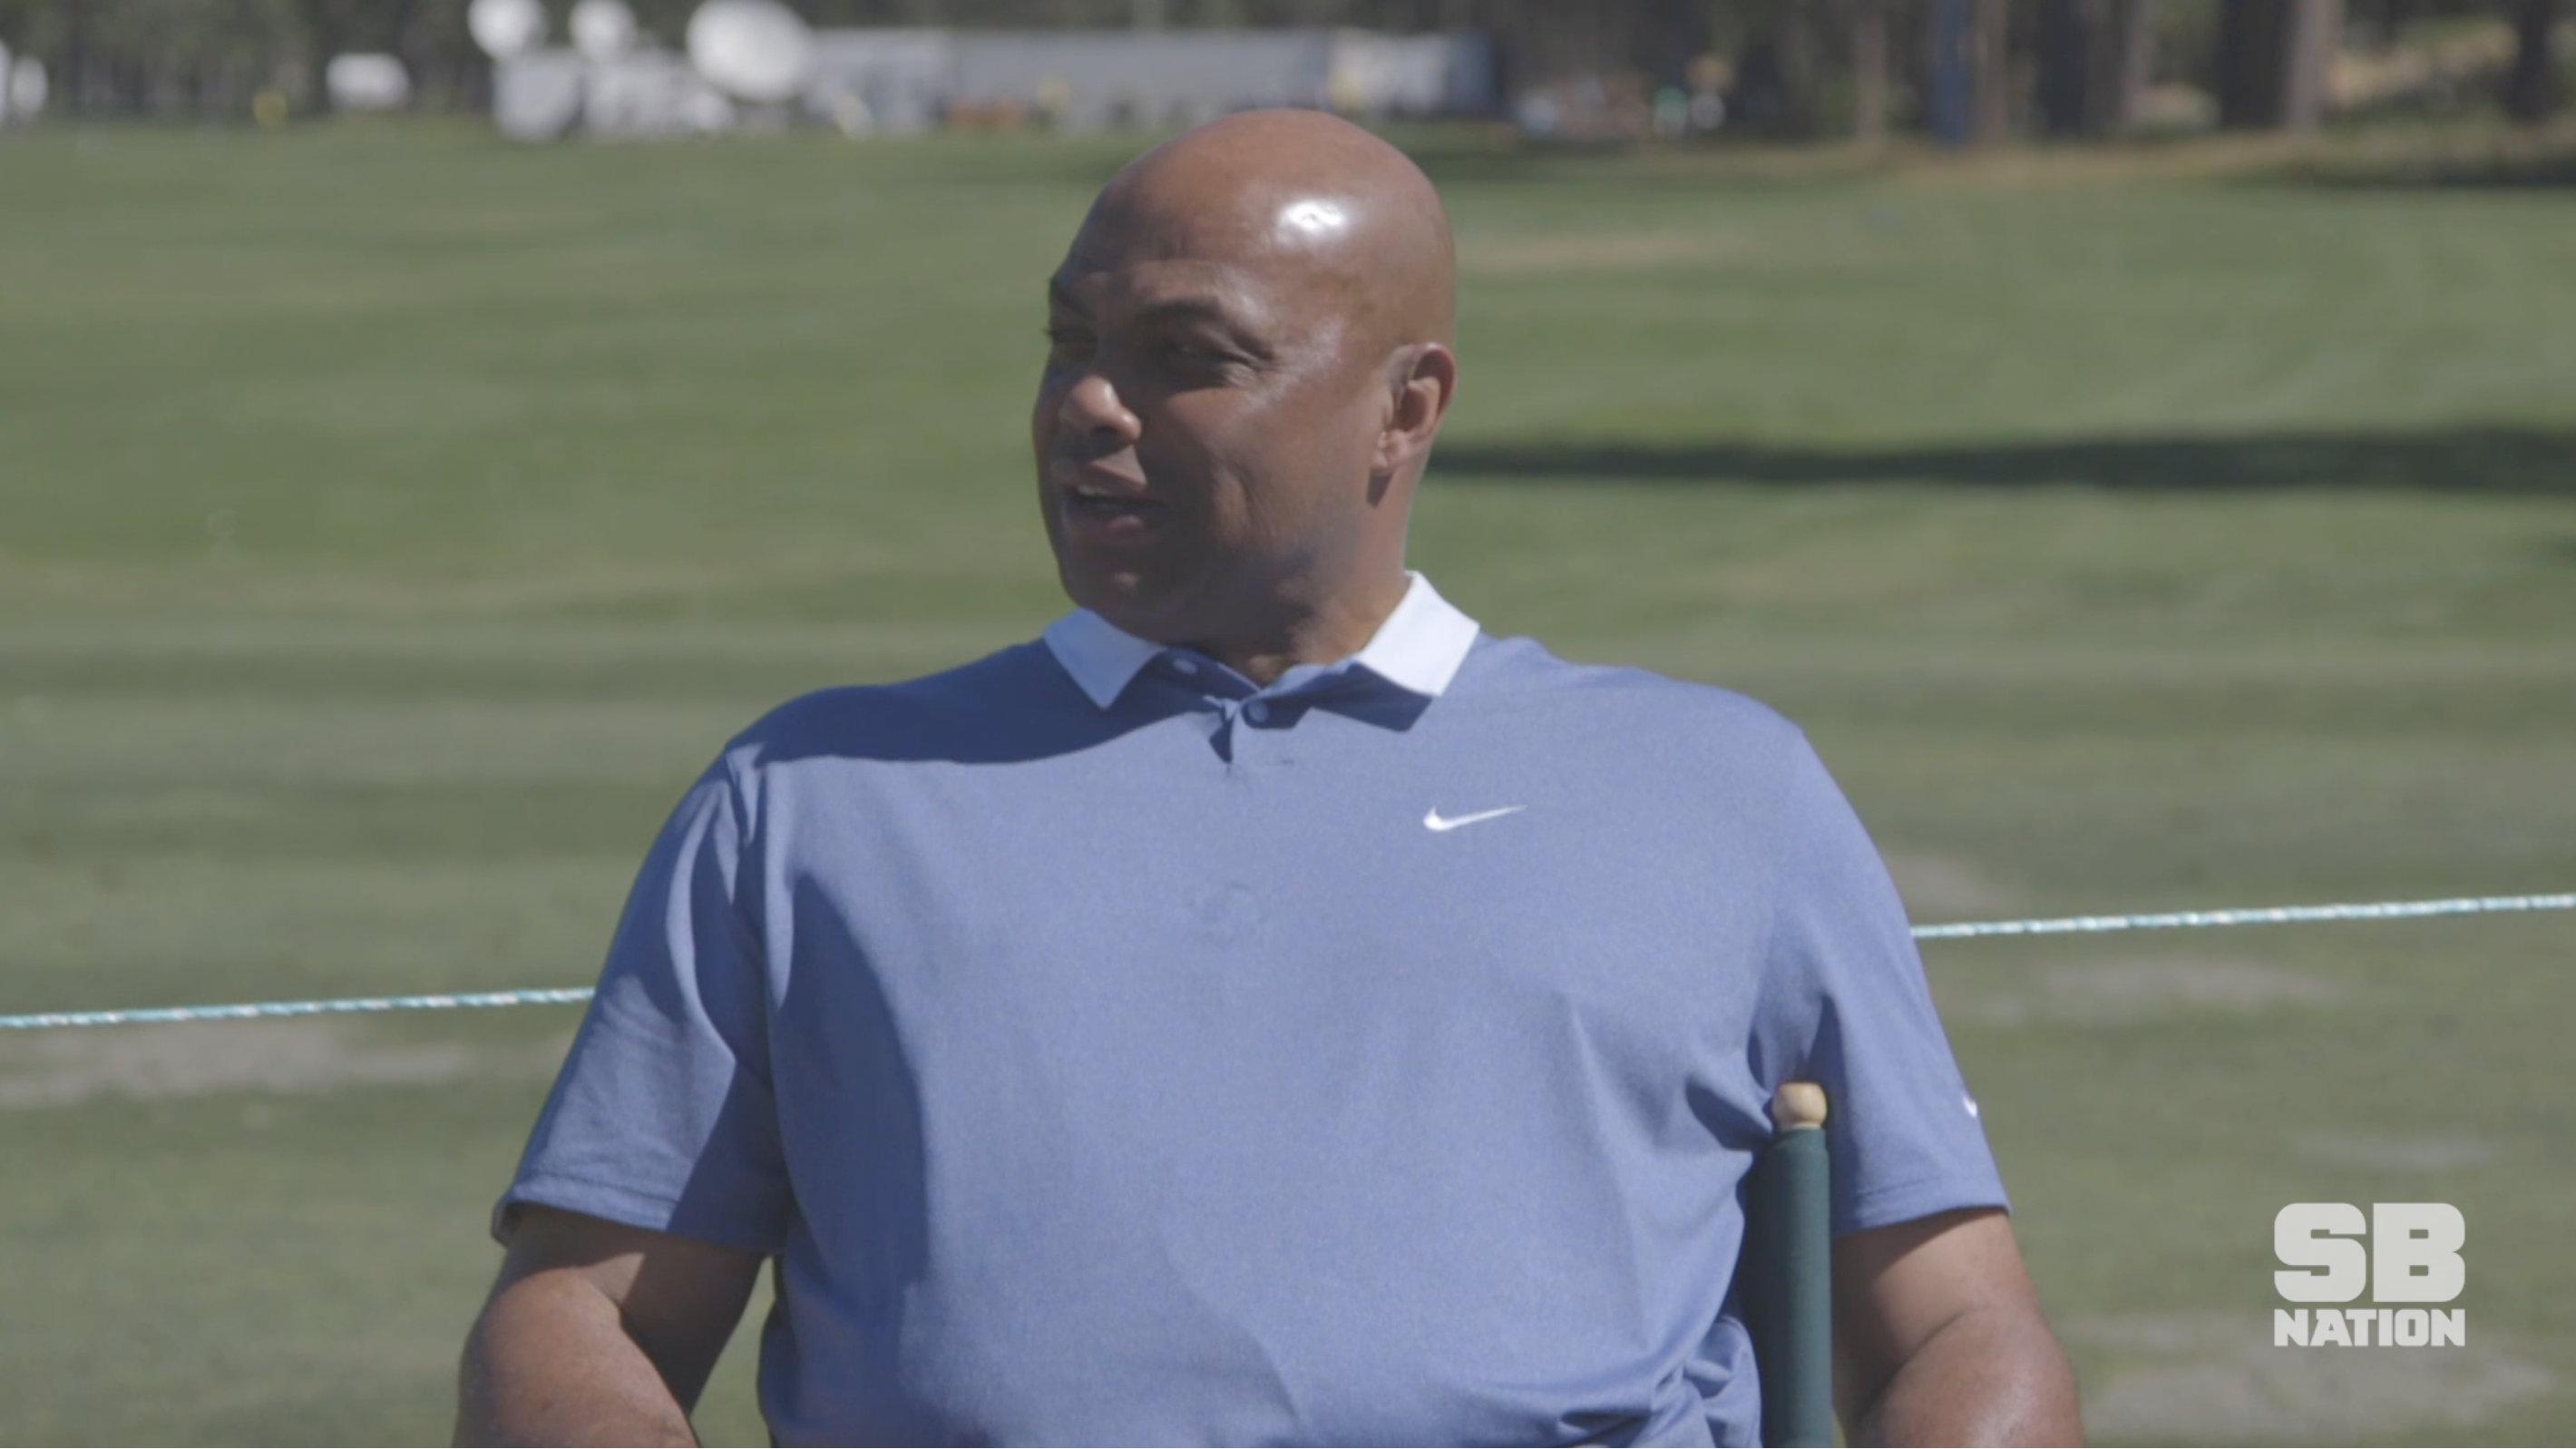 https://golfchannel.akamaized.net/ramp/991/551/charles-barkley-interview.jpg